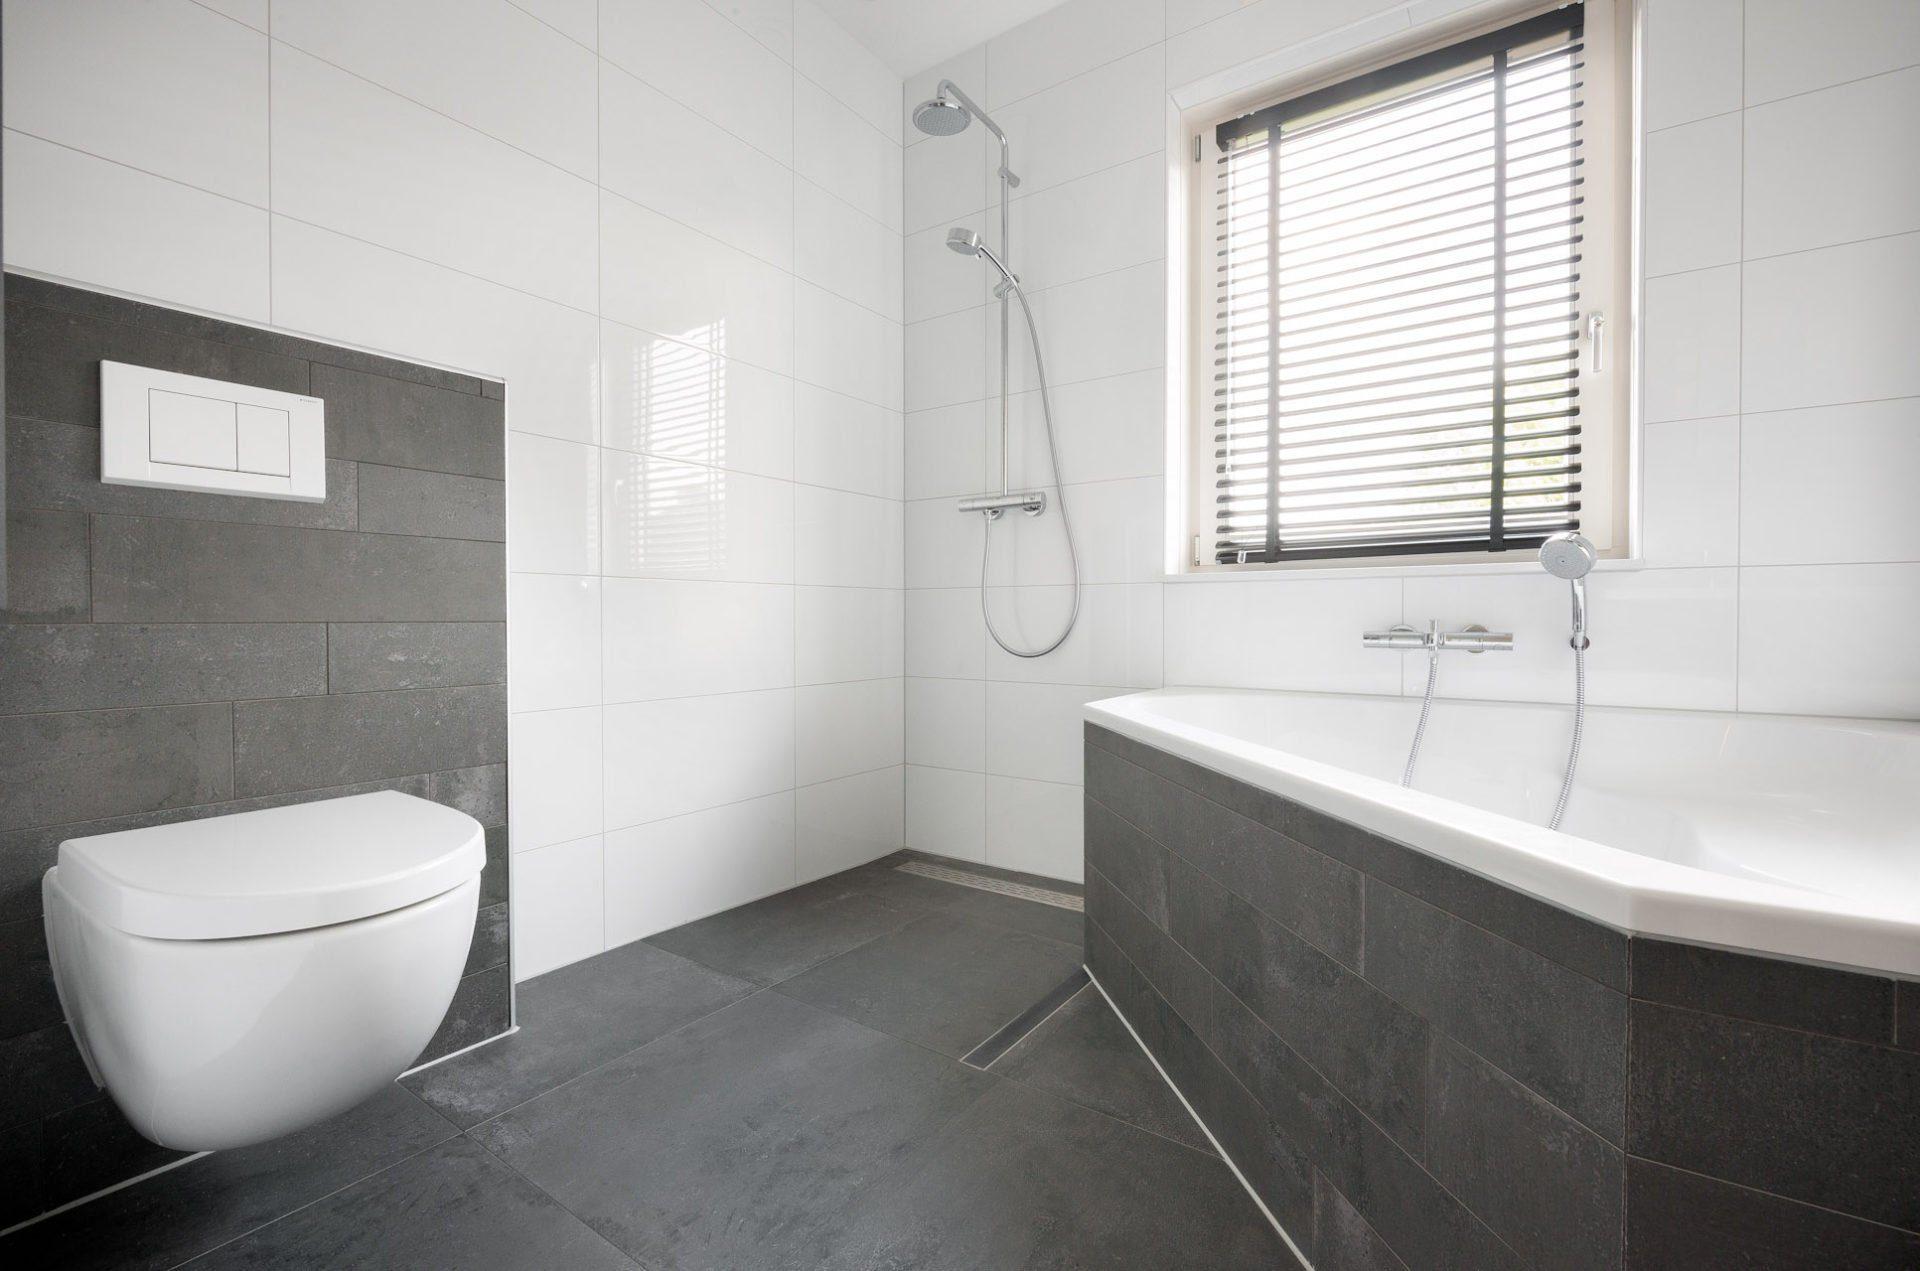 Antraciet vloertegels in woonkamer en badkamer - Marmeren douche ...